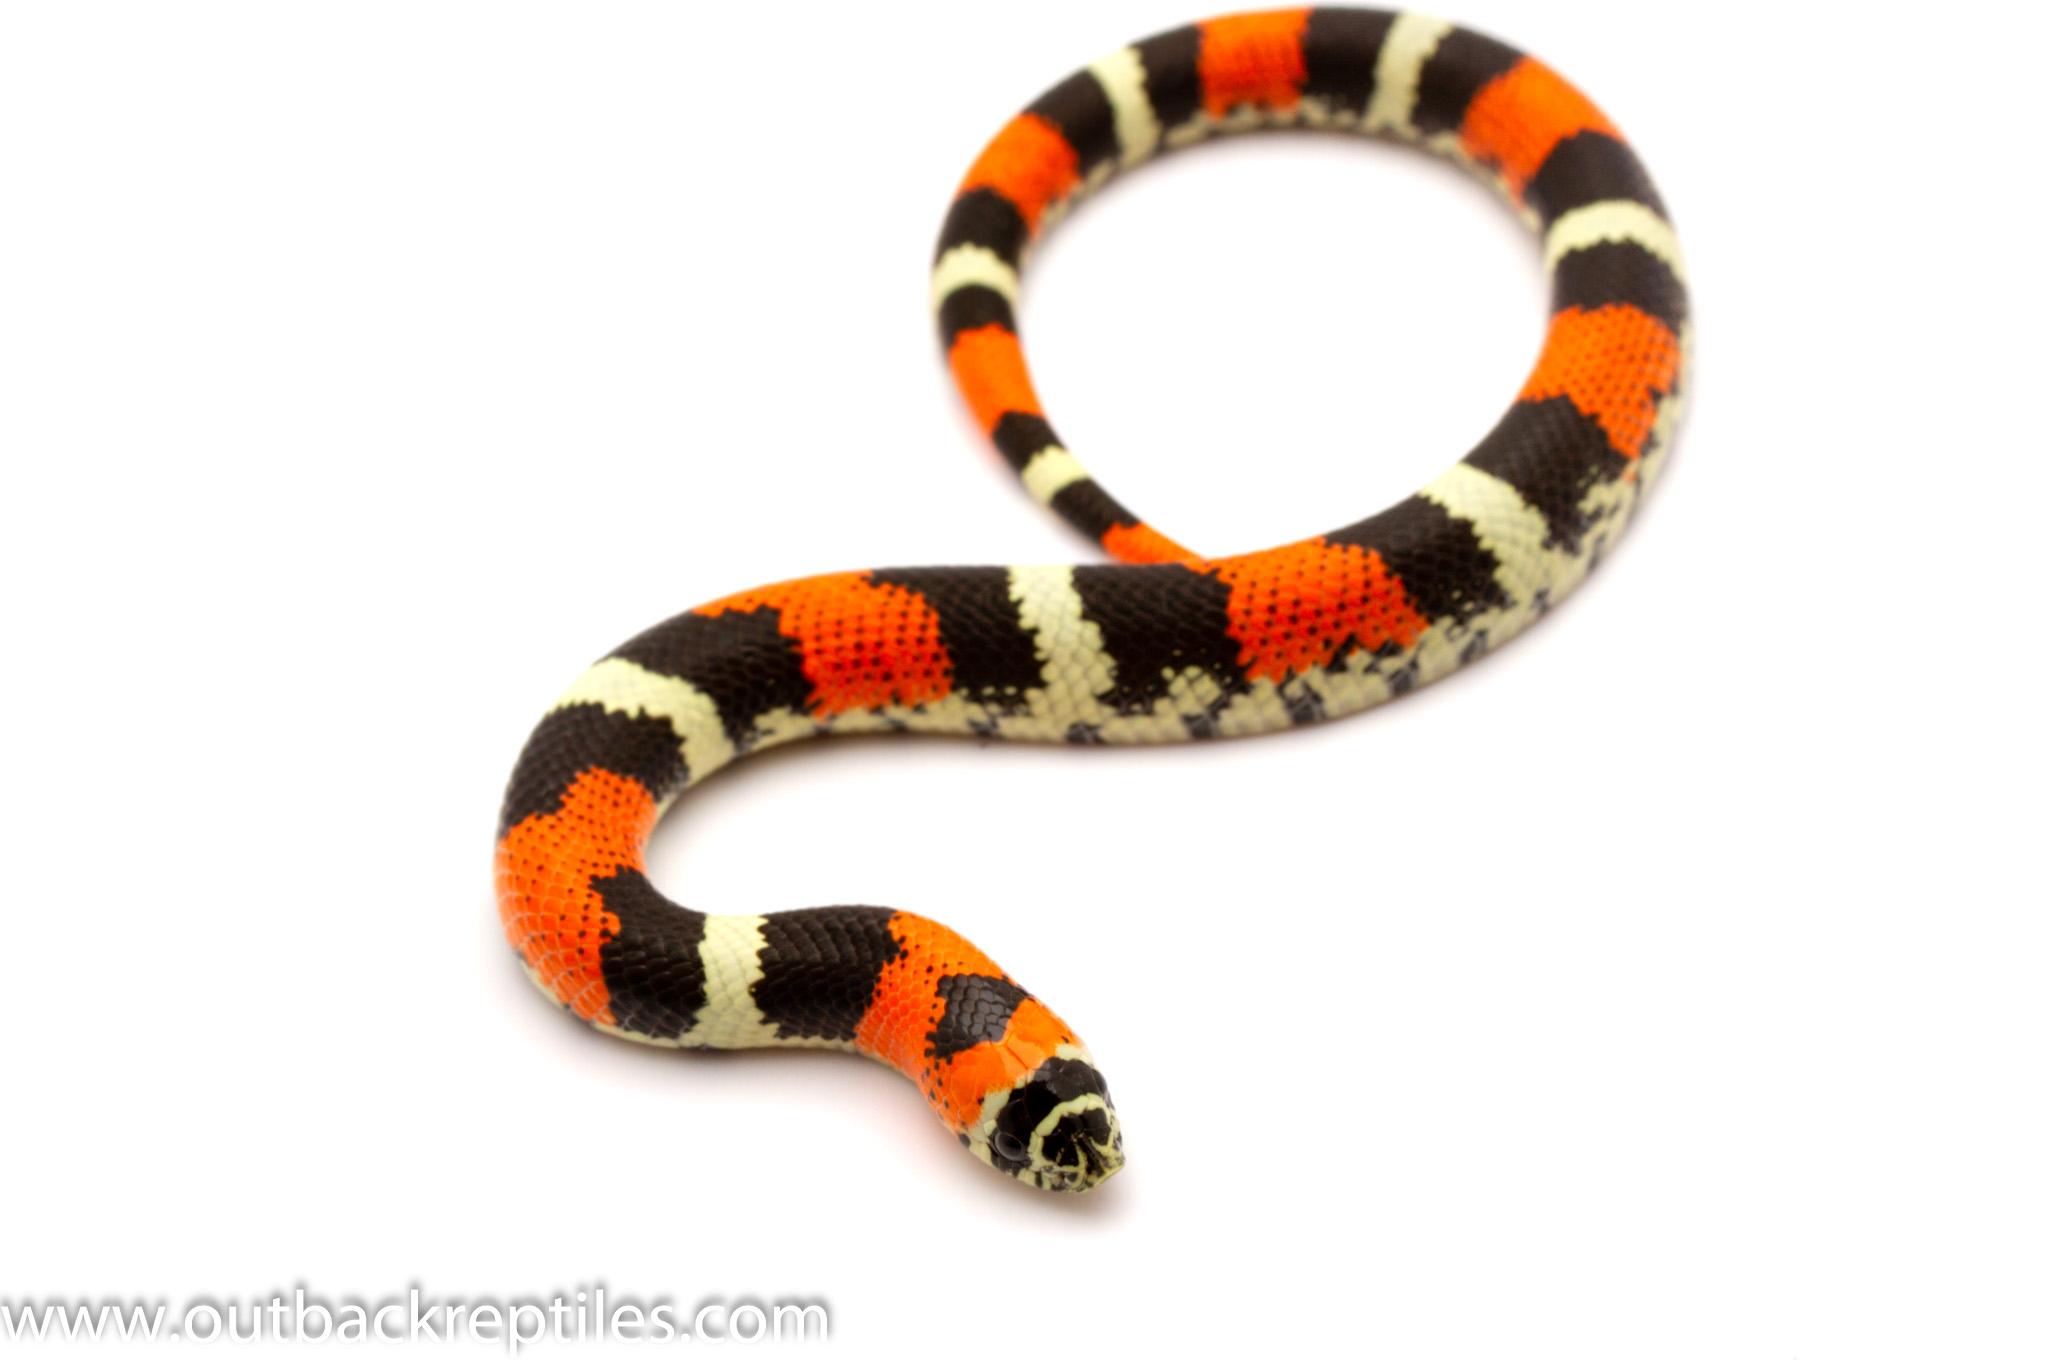 hognose snake for sale